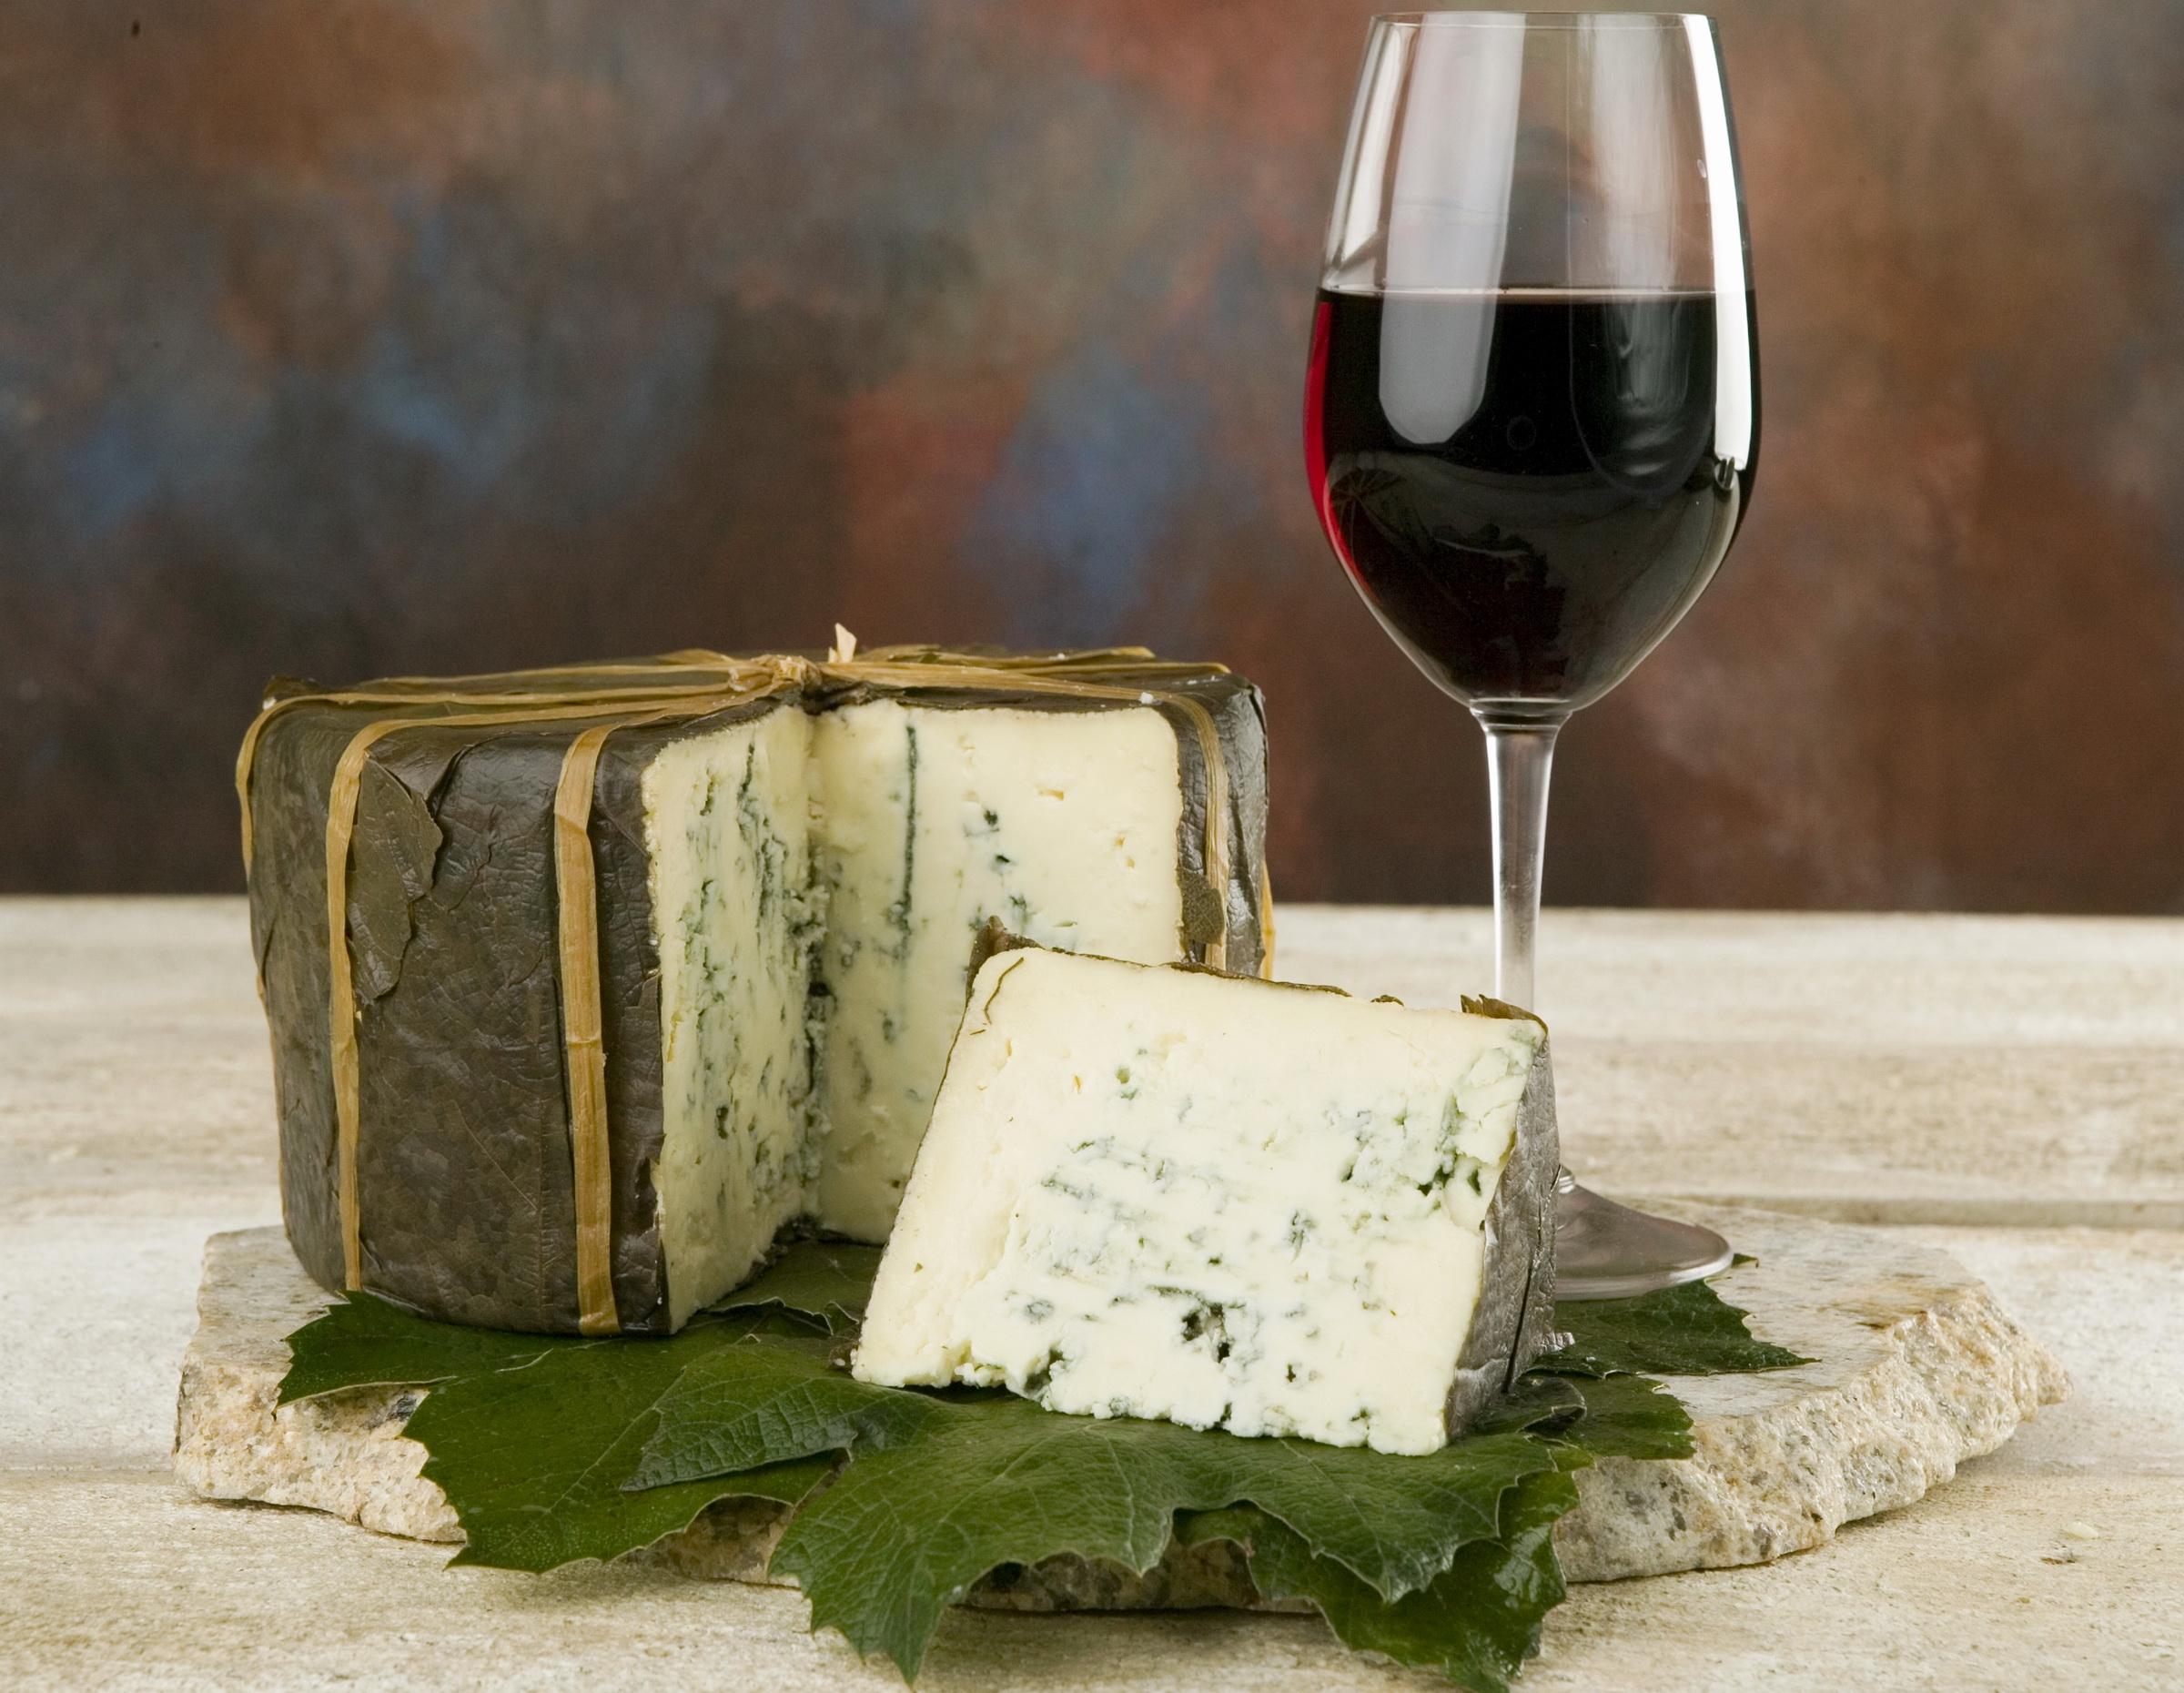 fond d 39 cran la peinture fromage du vin boisson. Black Bedroom Furniture Sets. Home Design Ideas